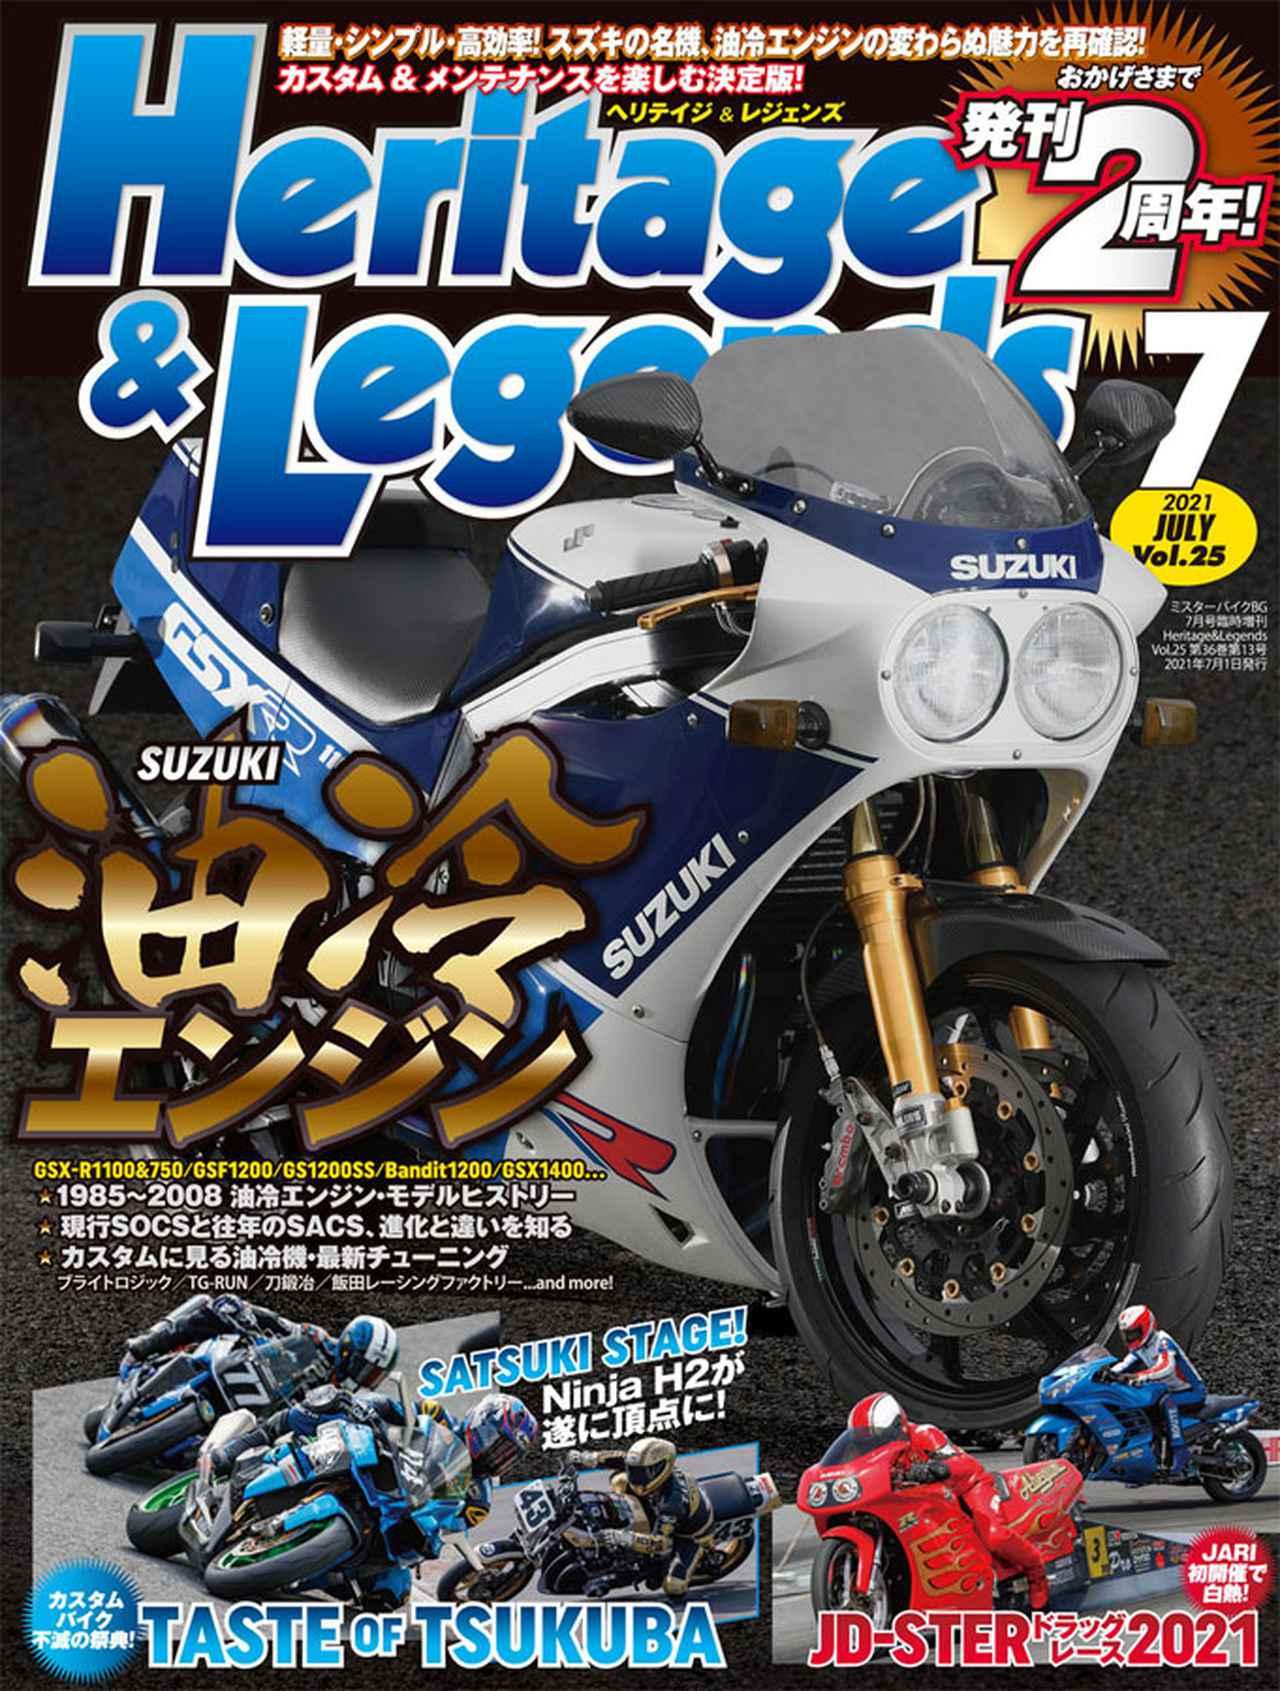 画像: 月刊ヘリテイジ&レジェンズ。 2021年7月号(Vol.25)は 5月27日(木)の発売です!   ヘリテイジ&レジェンズ Heritage& Legends